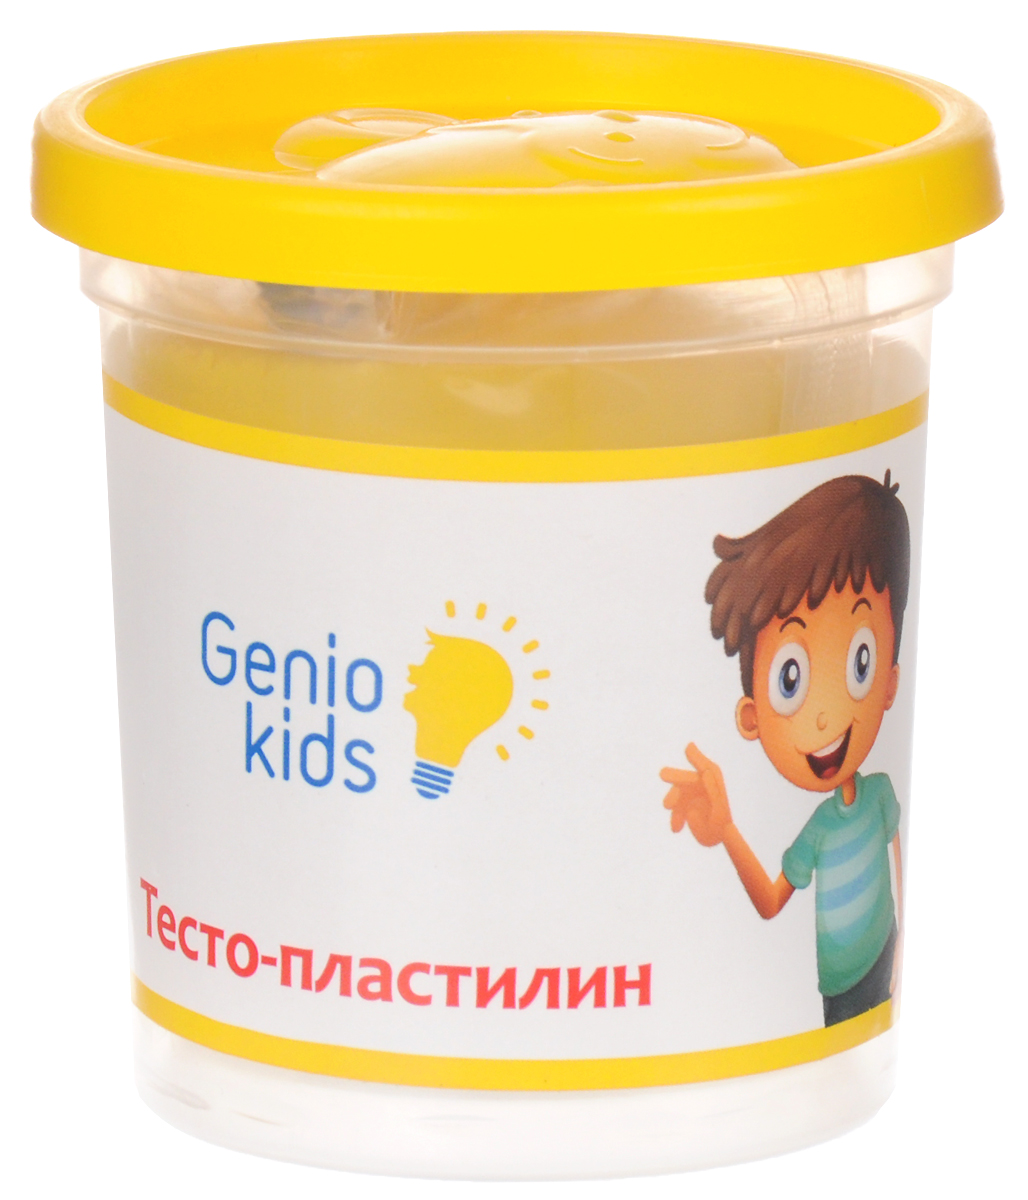 Genio Kids Тесто-пластилин цвет желтыйTA1044V_желтыйТесто-пластилин Genio Kids - это натуральный и совершенно безвредный материал, созданный из пшеничной муки. Пластилин быстро высыхает, не имеет запаха, не липнет к рукам и одежде, легко смывается, а так же легко смешивается, что позволяет получать новые цвета. Пластилин прекрасно развивает моторику рук и пространственное мышление, а также воображение и художественный вкус. Фигурка, сделанная своими руками из пластилина, будет предметом гордости малыша и обязательно станет его любимой игрушкой.